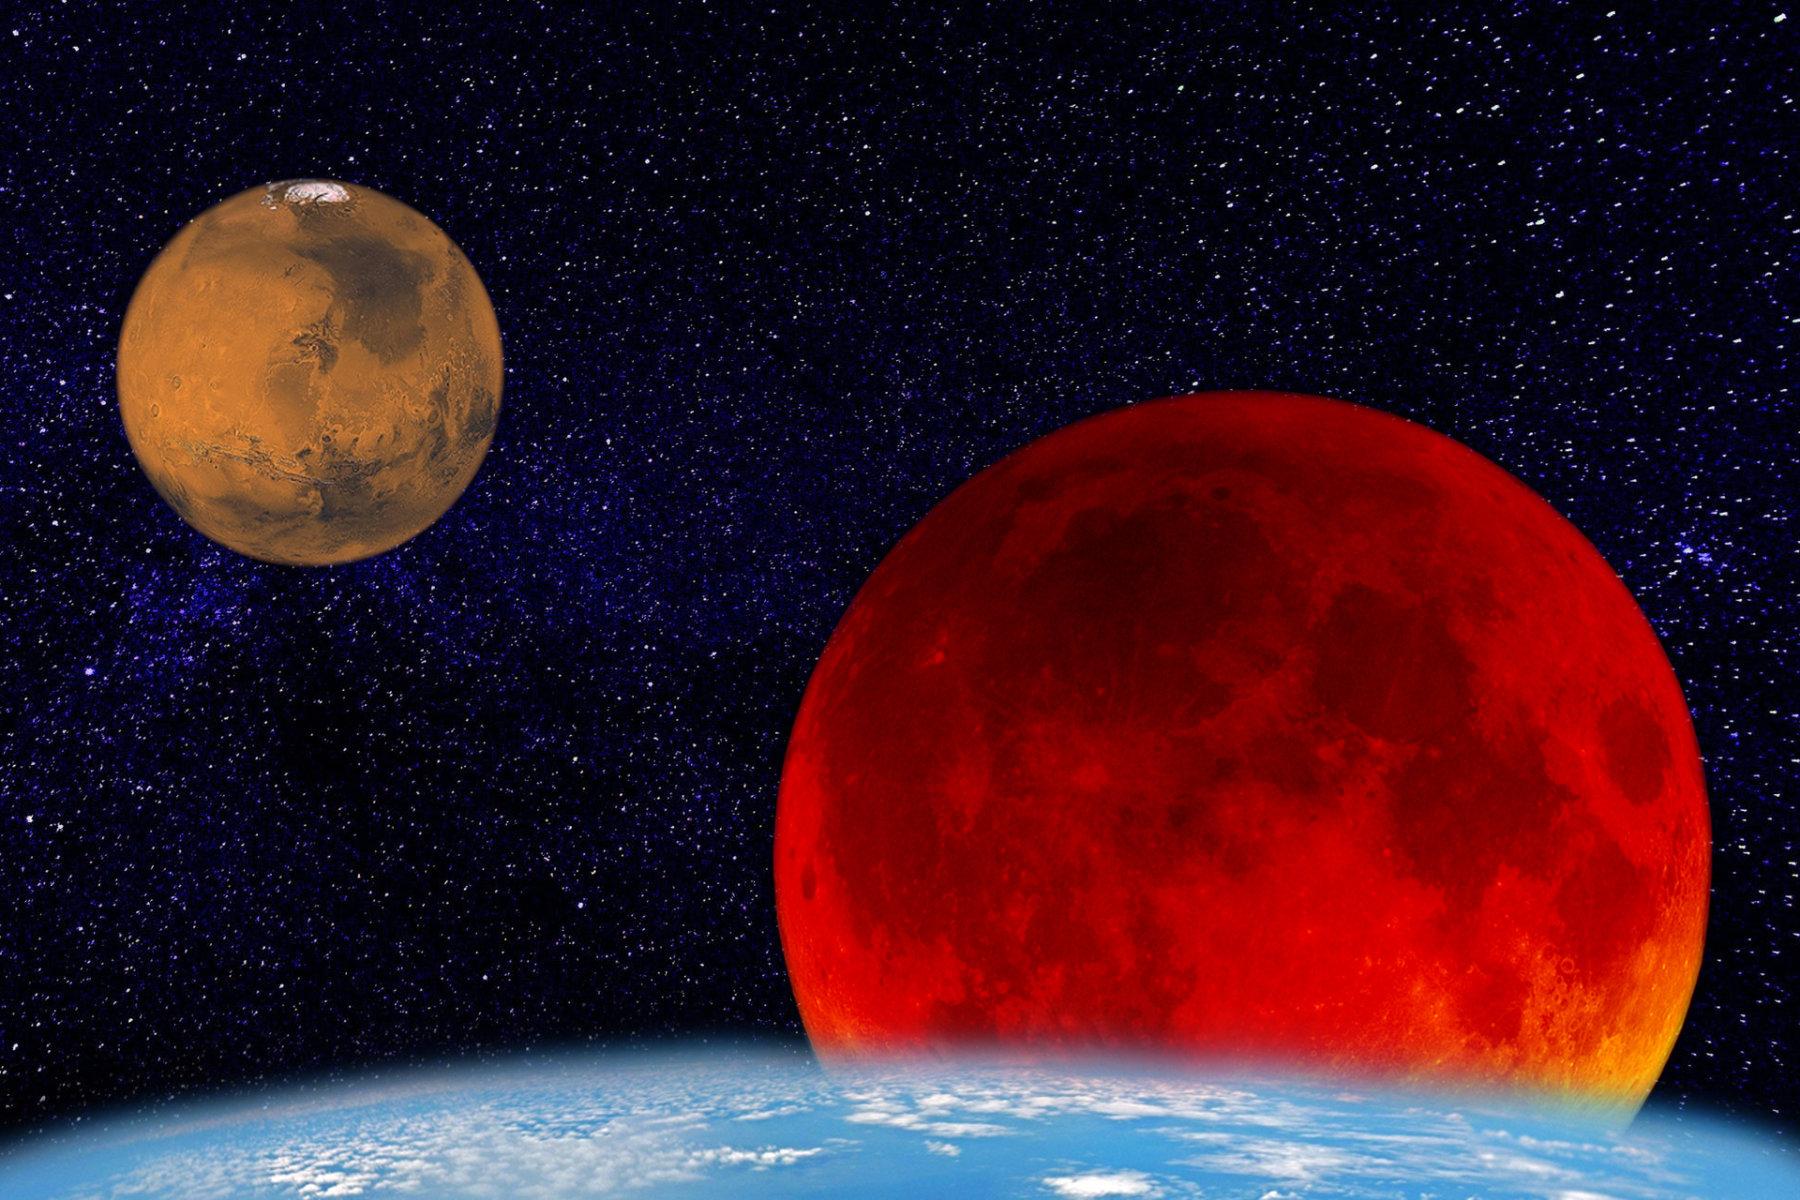 planetsTotalMoonEclipse (1)